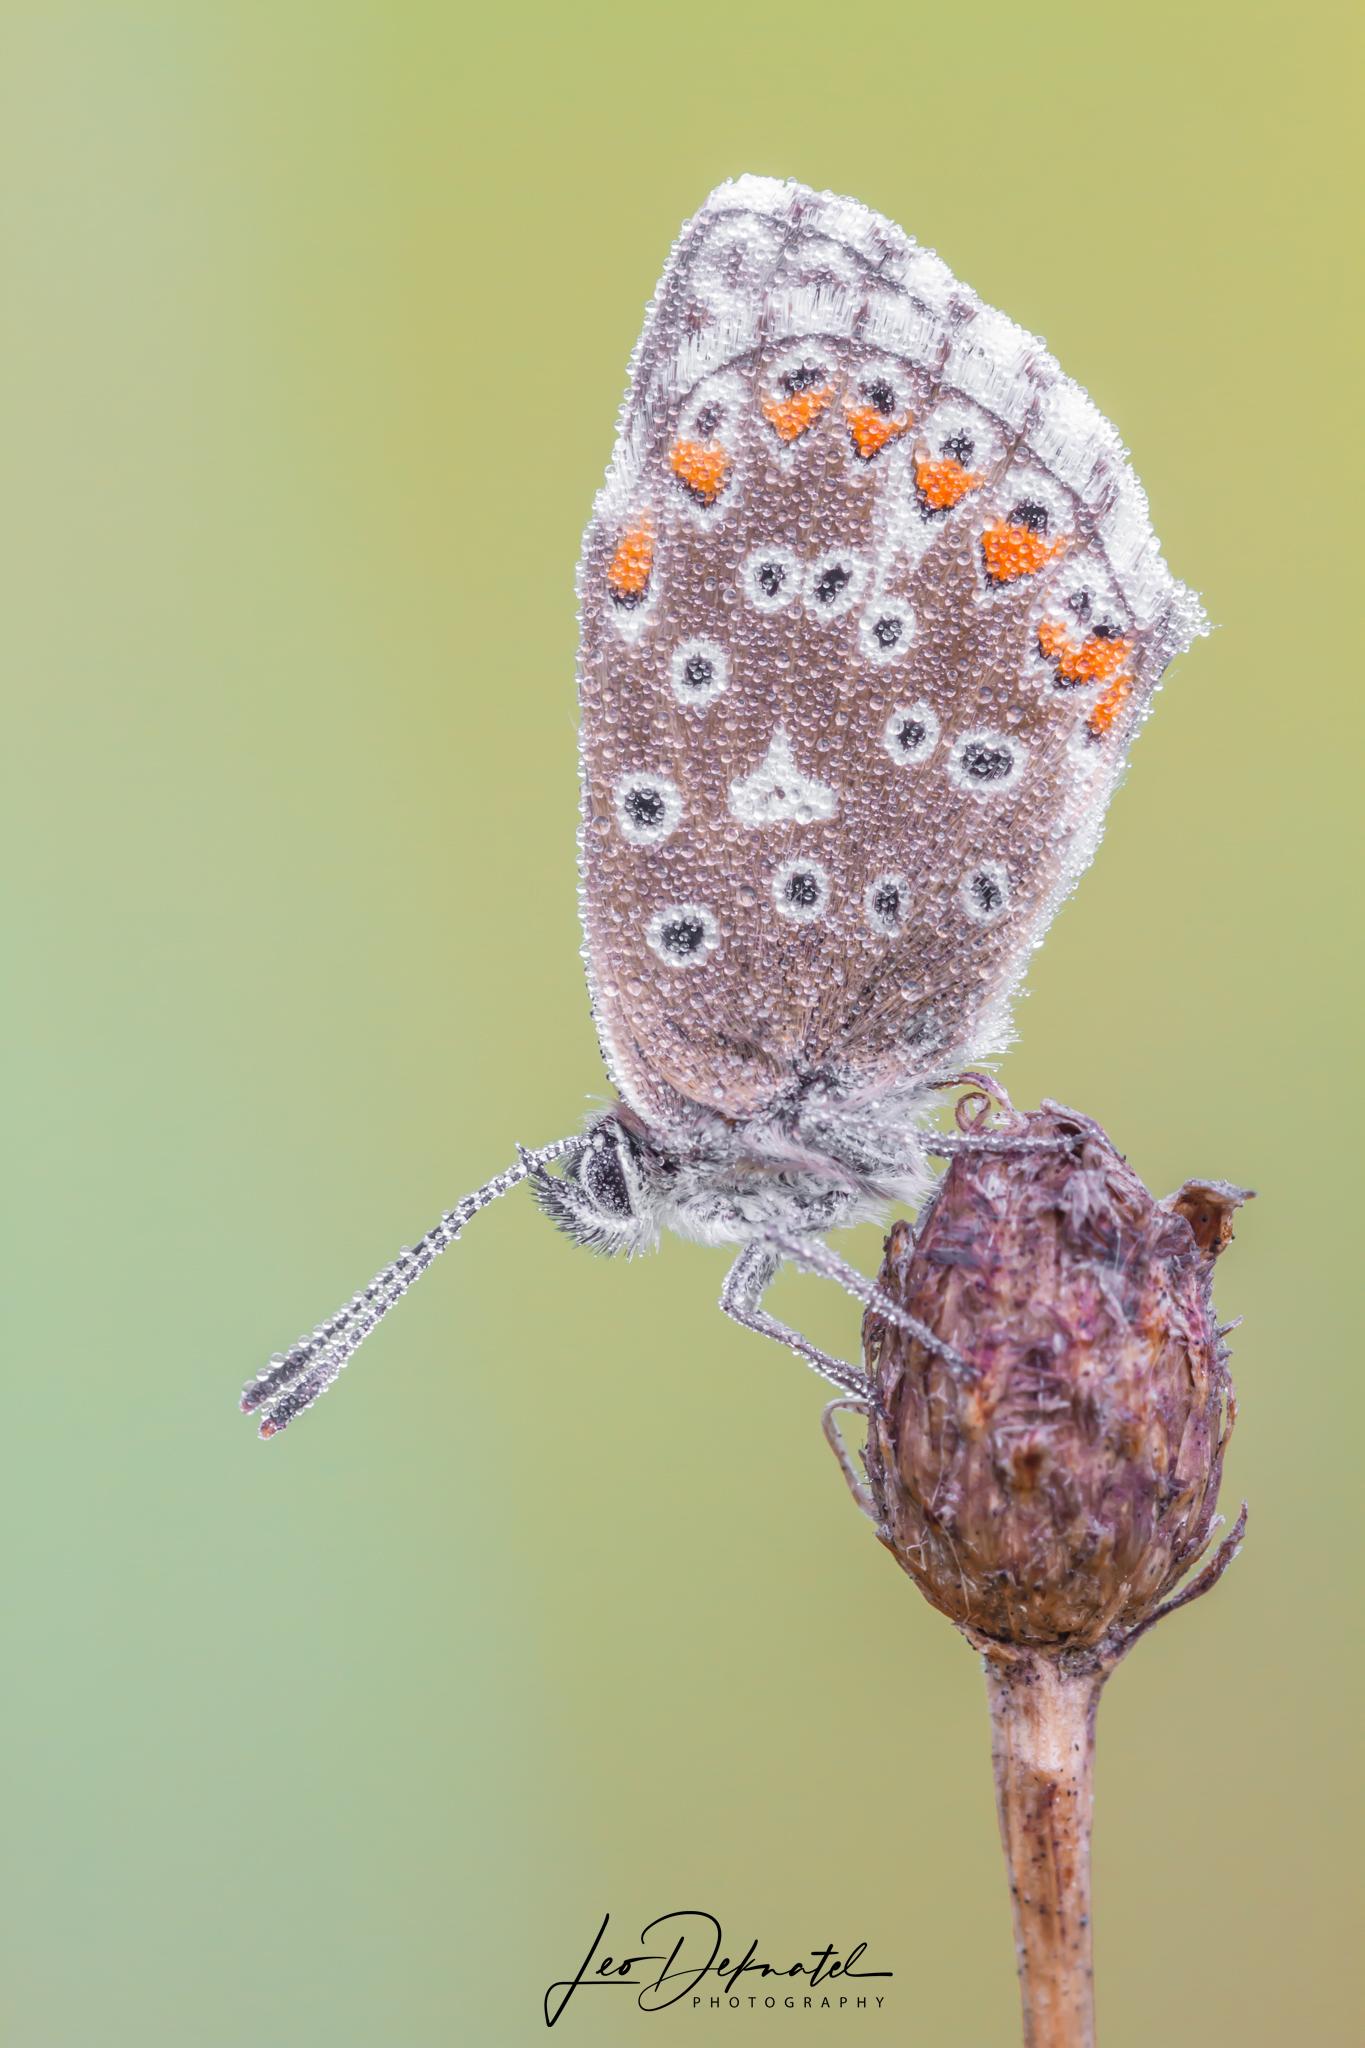 Adonisblauwtje, Blauwtje, Vlinder, Vlinders, Macro, Macrofotografie, Natuur, Natuurfotografie, Insect, Insecten,